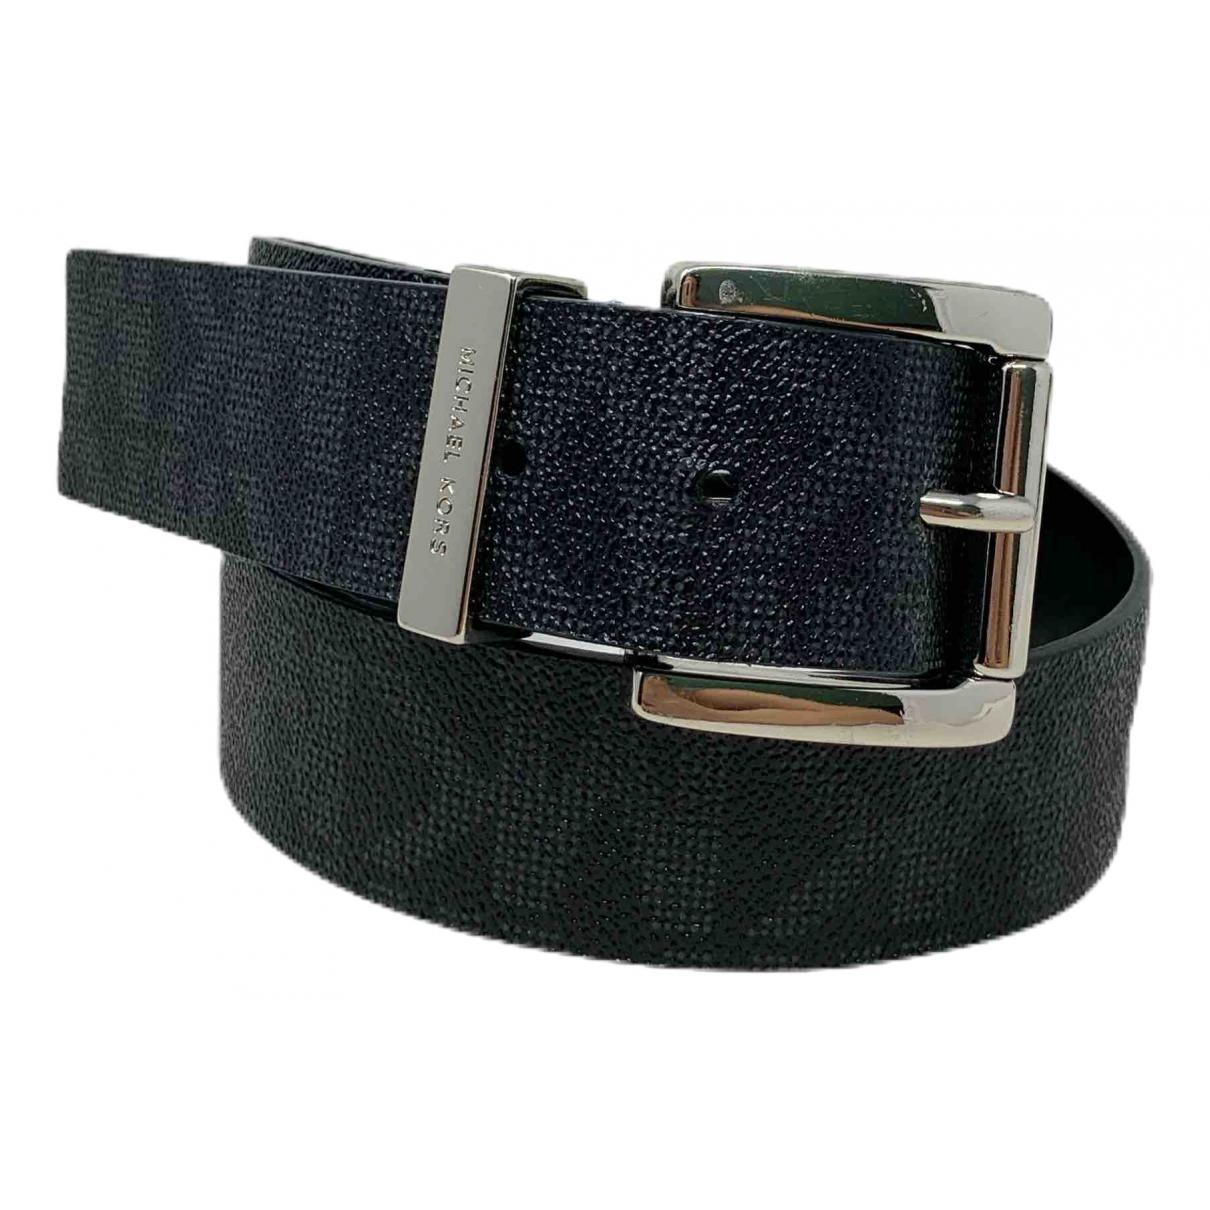 Michael Kors \N Black Leather belt for Women S International